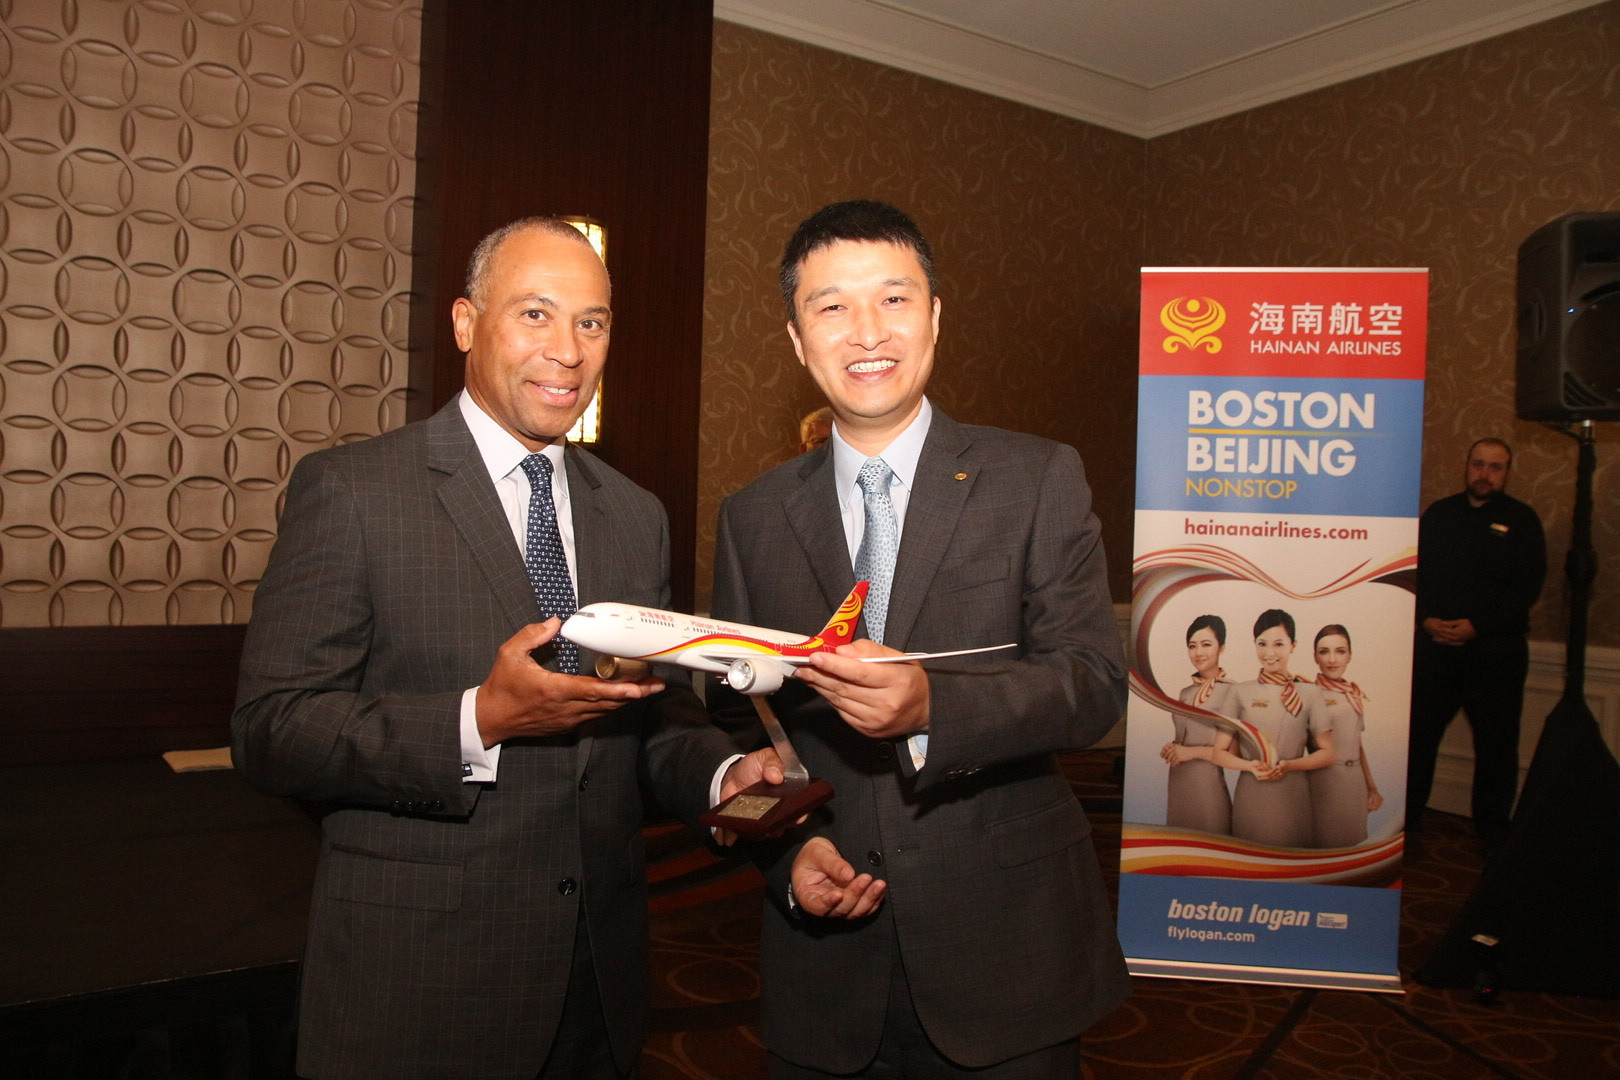 海南航空总裁谢皓明向美国马萨诸塞州州长Deval Patric赠送海南航空B787飞机模型